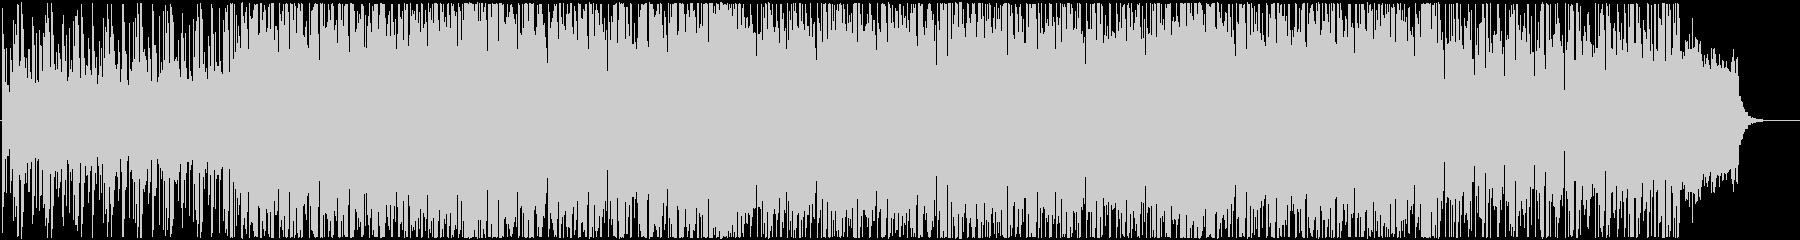 浮遊感あるシンセサイザーのポップな曲の未再生の波形